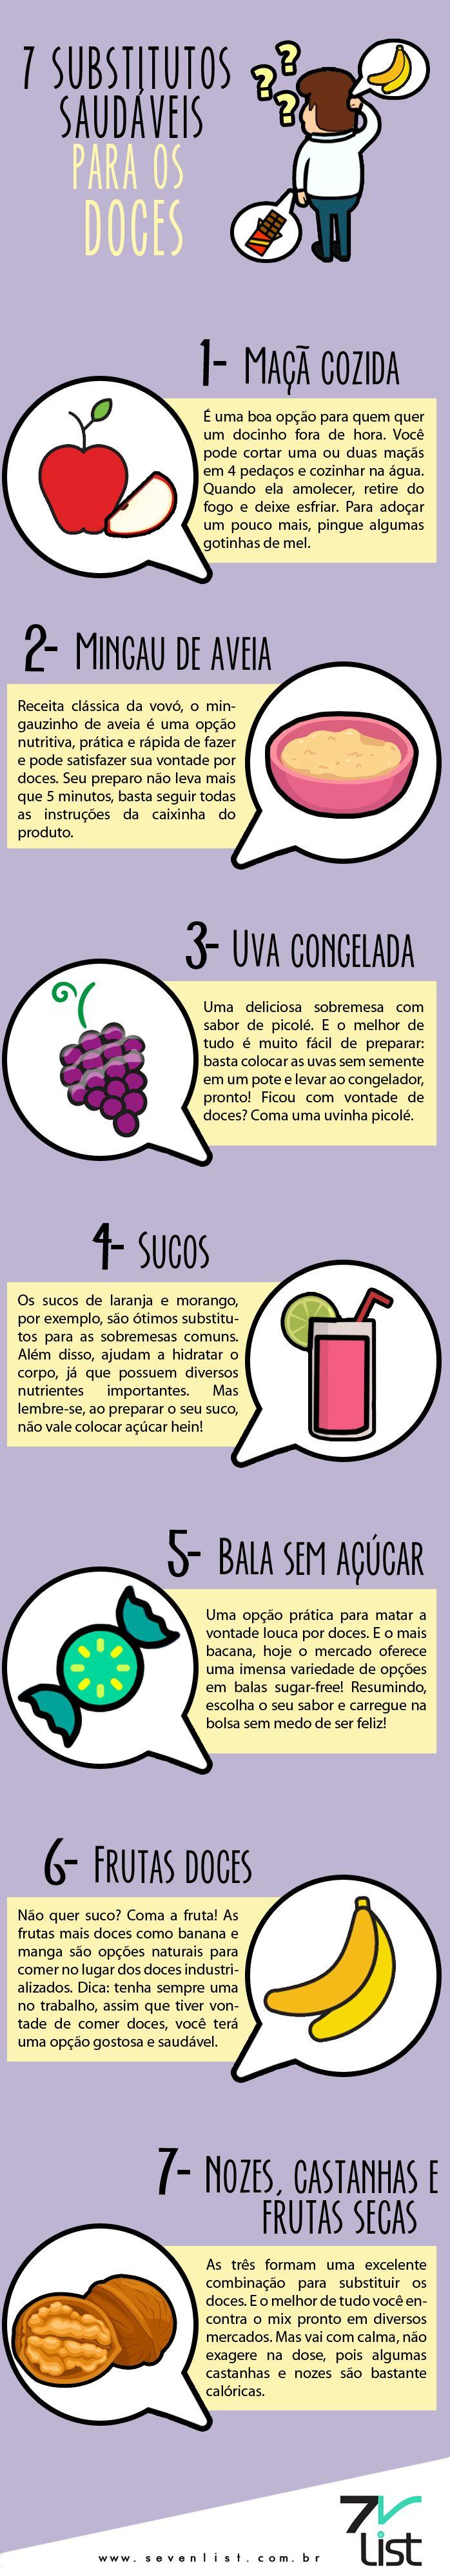 #infográfico #infographic #design #doces #substitutos #alimentação #alergia #diabetes #opção saudável #maça #mingau #uva #sucos #bala sem açúcar #frutas #nozes #castanha #frutas secas #açúcar www.sevenlist.com.br